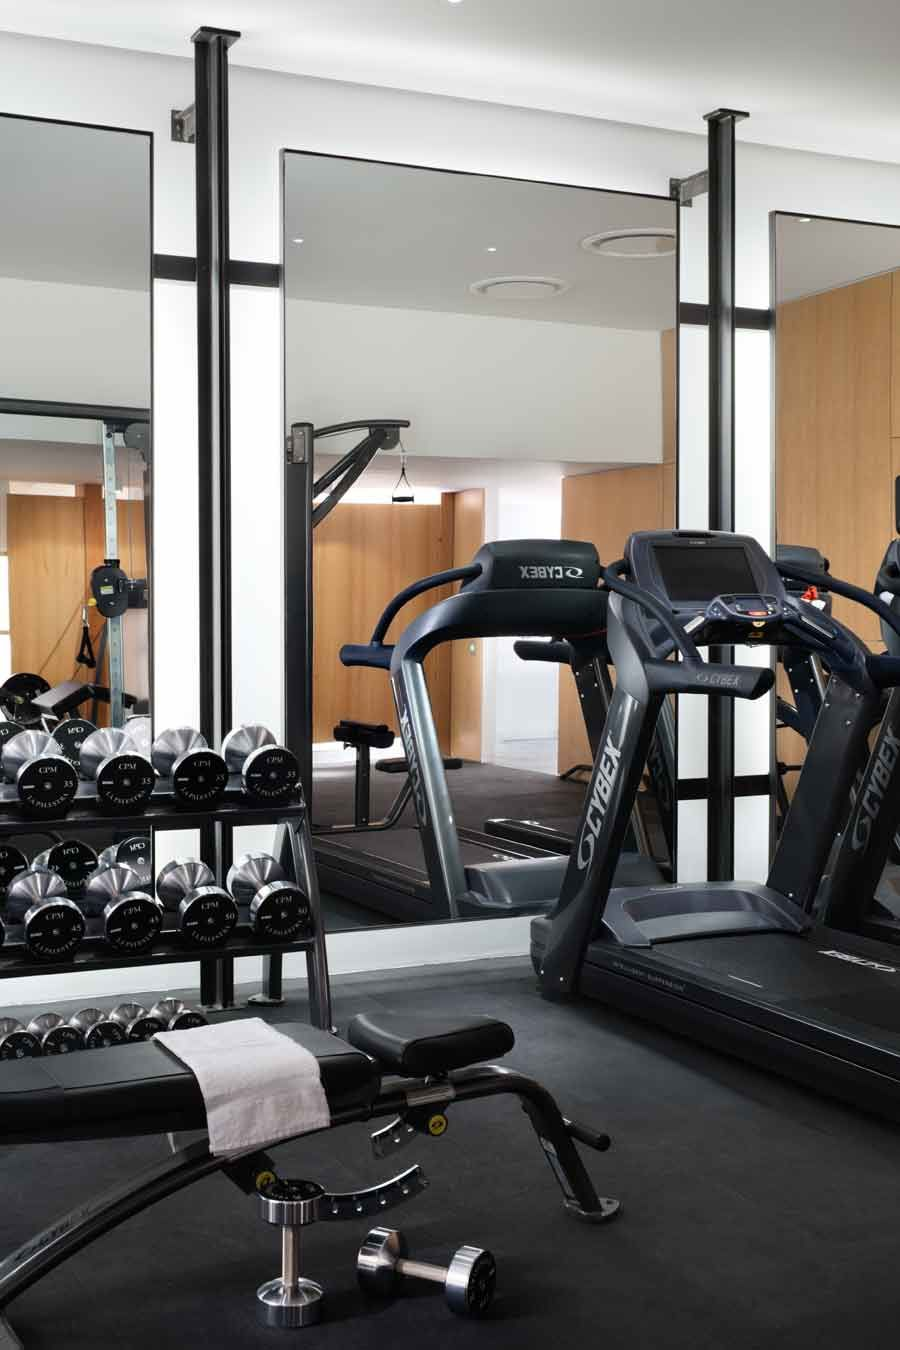 La Palestra Gym Room At Home Home Gym Decor Home Gym Design